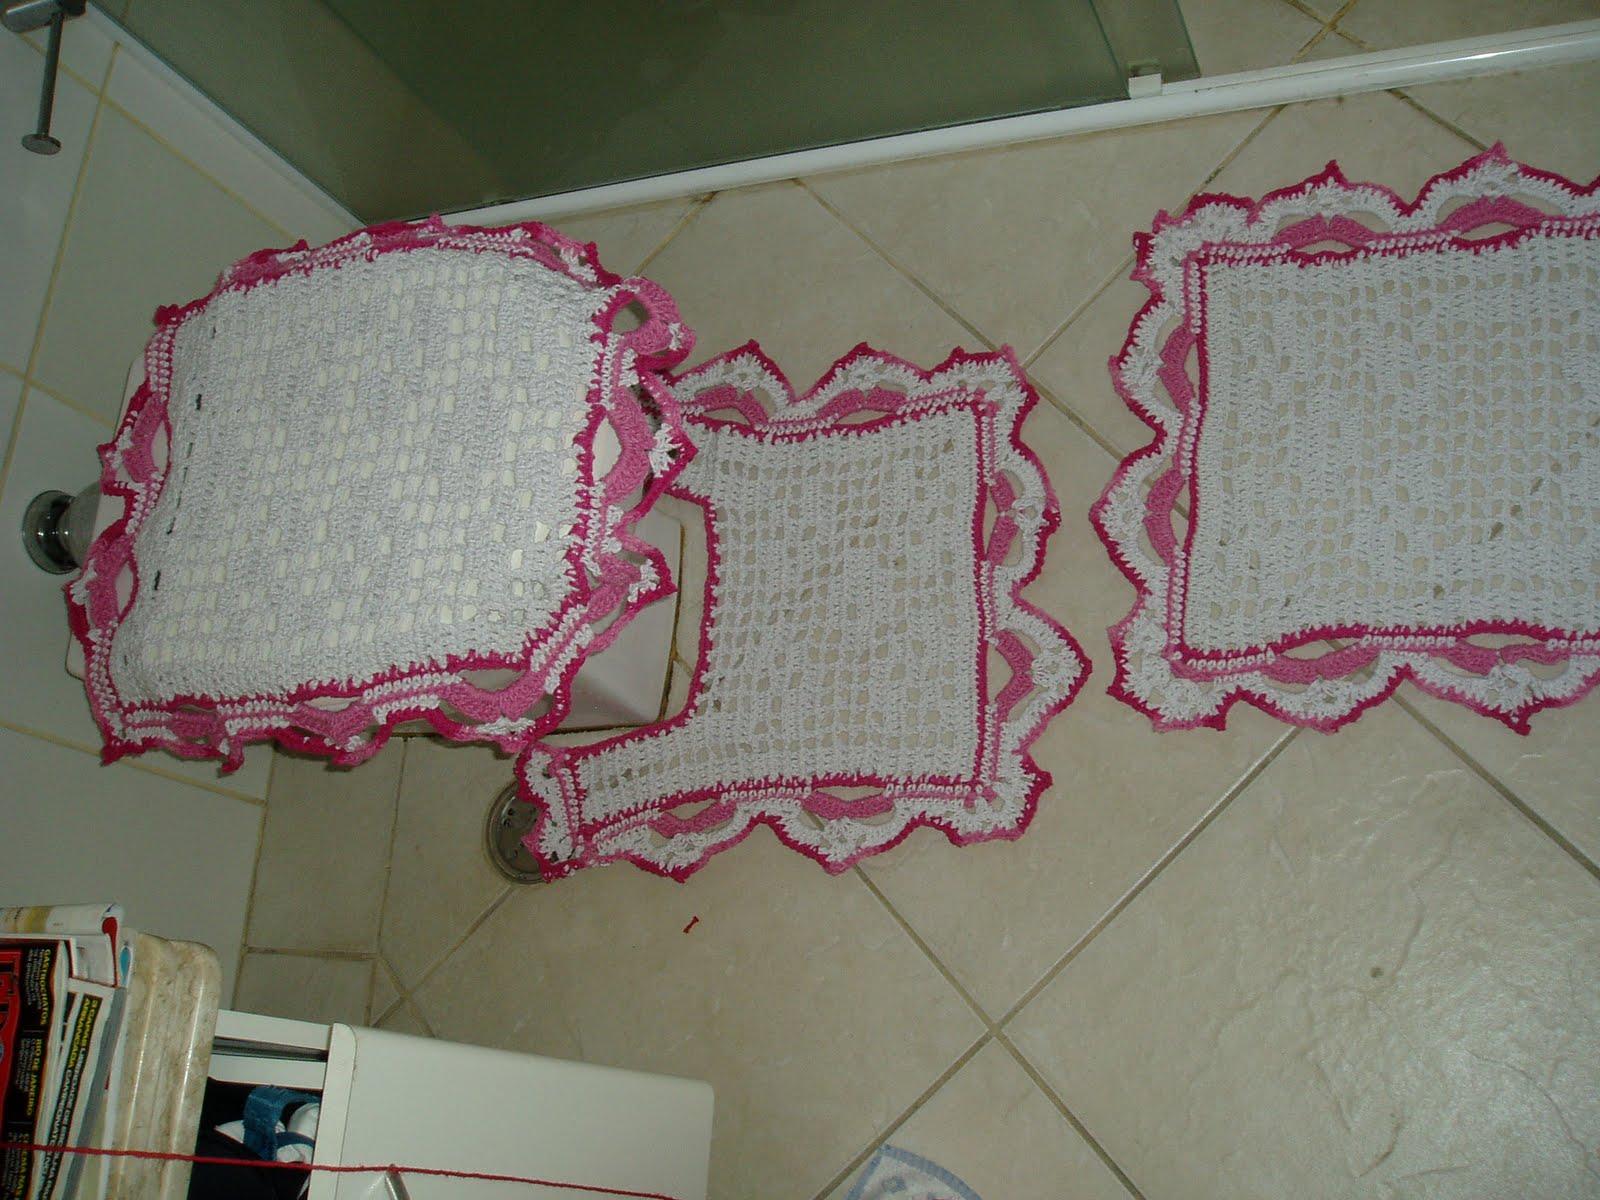 Tecendo Receitas: Jogo de banheiro em croche file branco e rosa #712E40 1600x1200 Banheiro Branco E Rosa